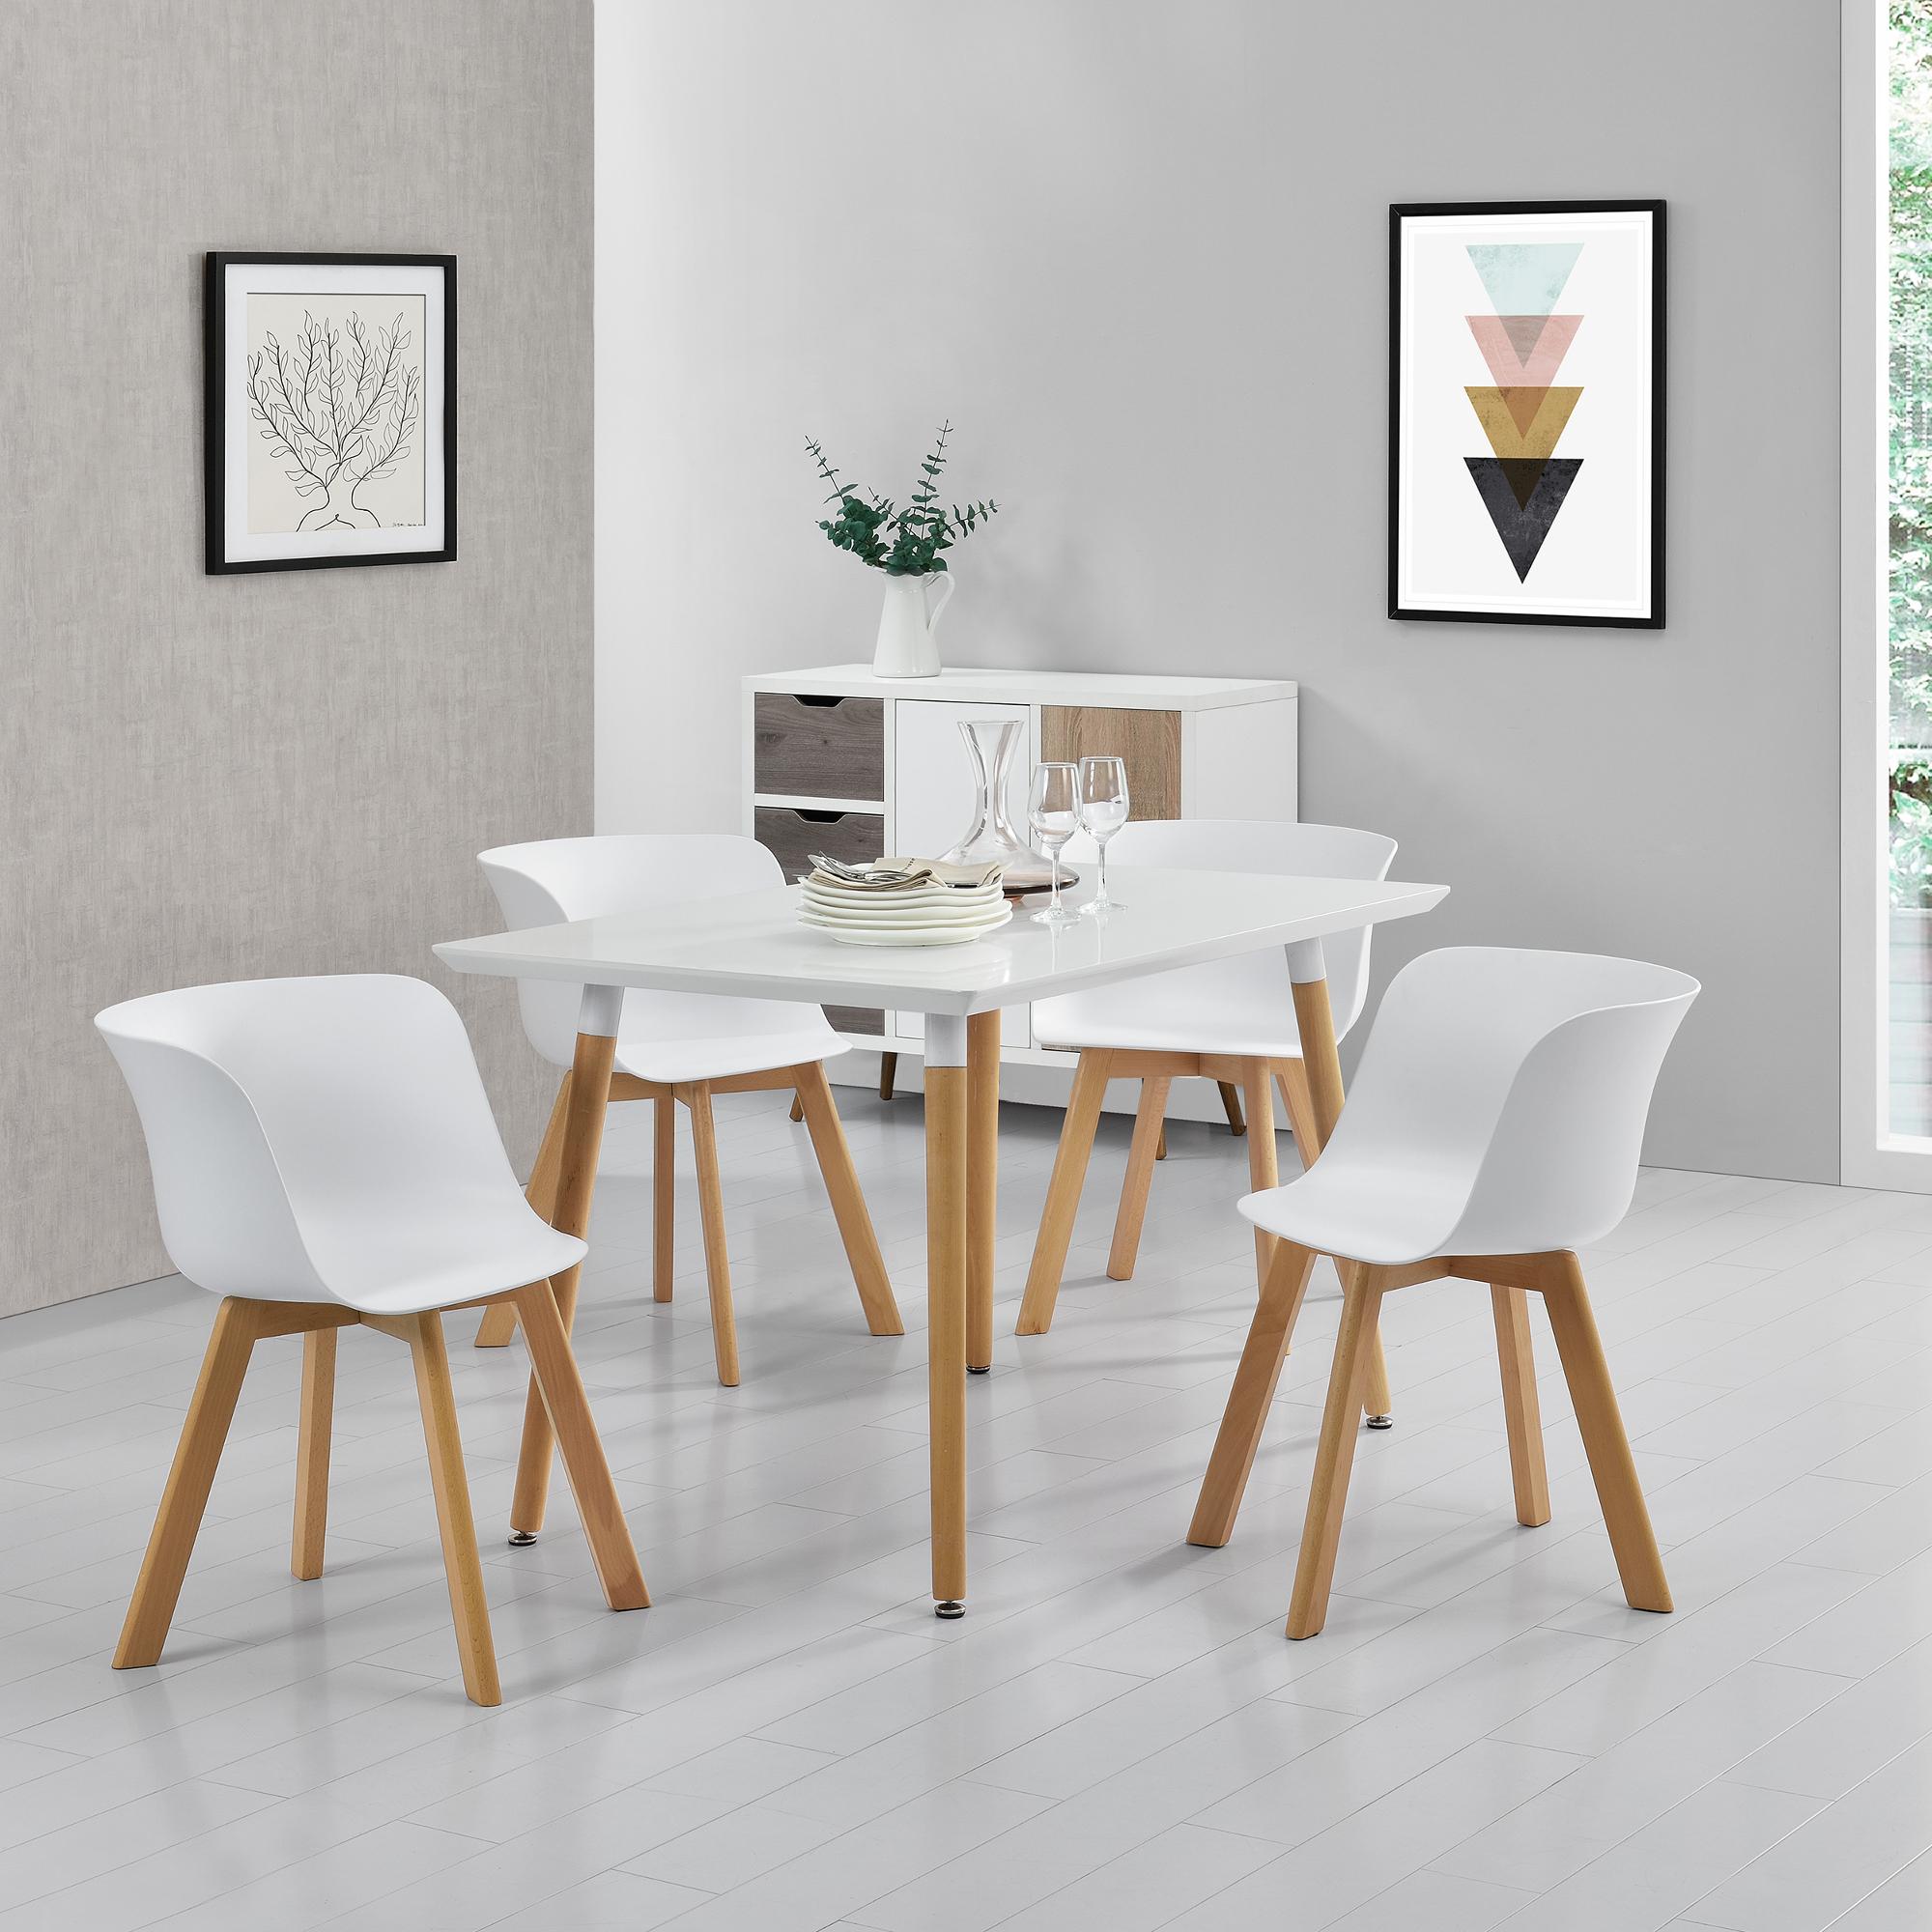 Esstisch mit 4 st hlen wei 120x80cm for Esstisch 50 x 80